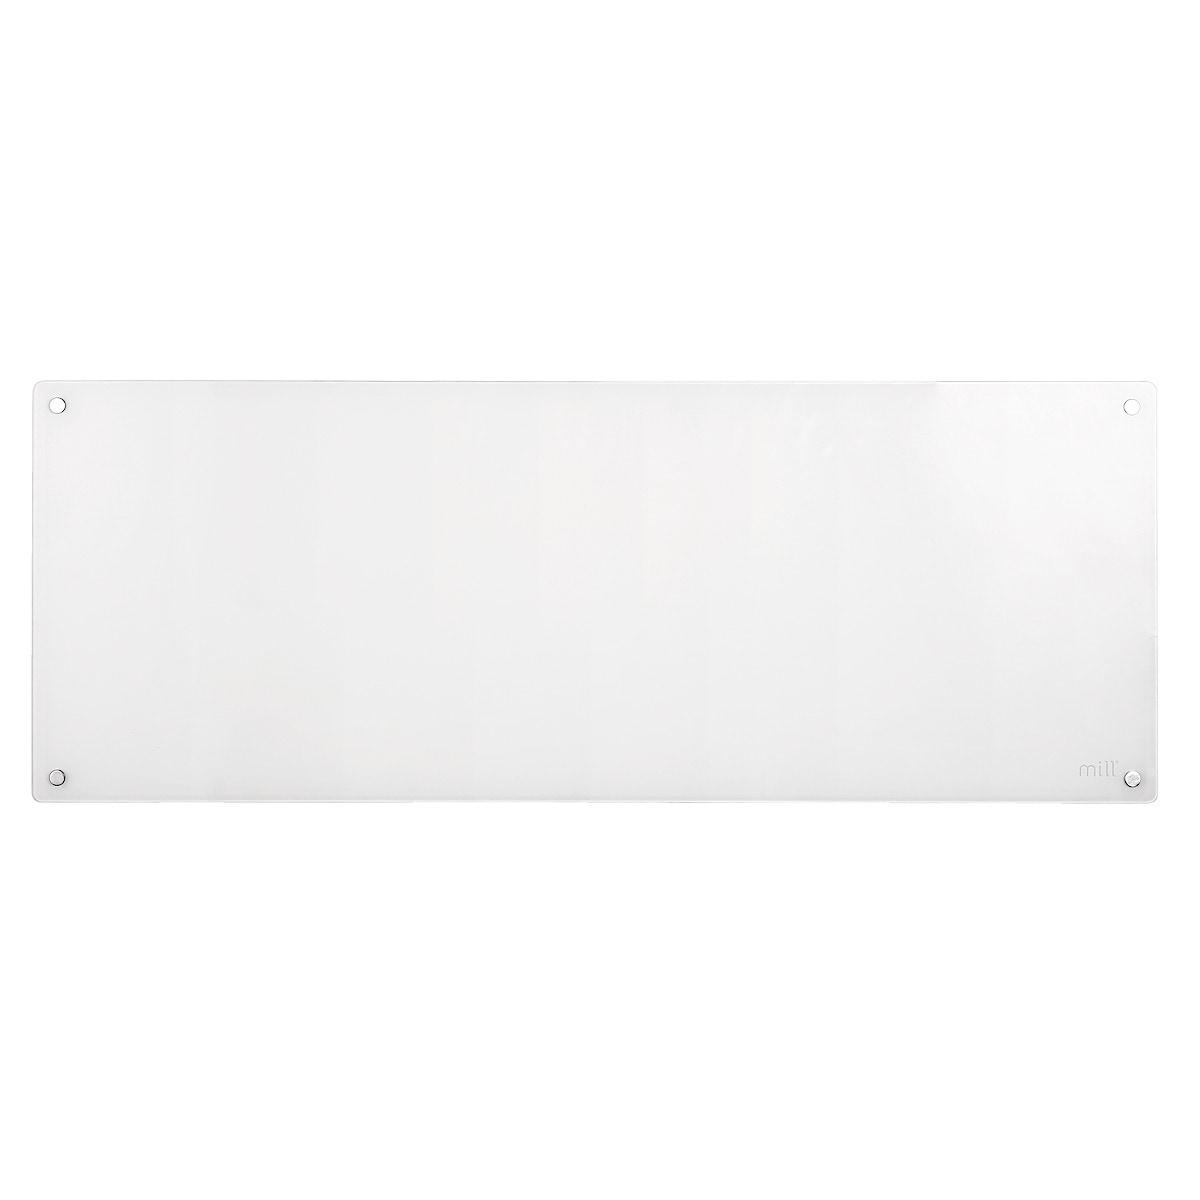 Lämpöpatteri jossa lasinen etuosa Mill MB1200DN 1200 W, 230 V